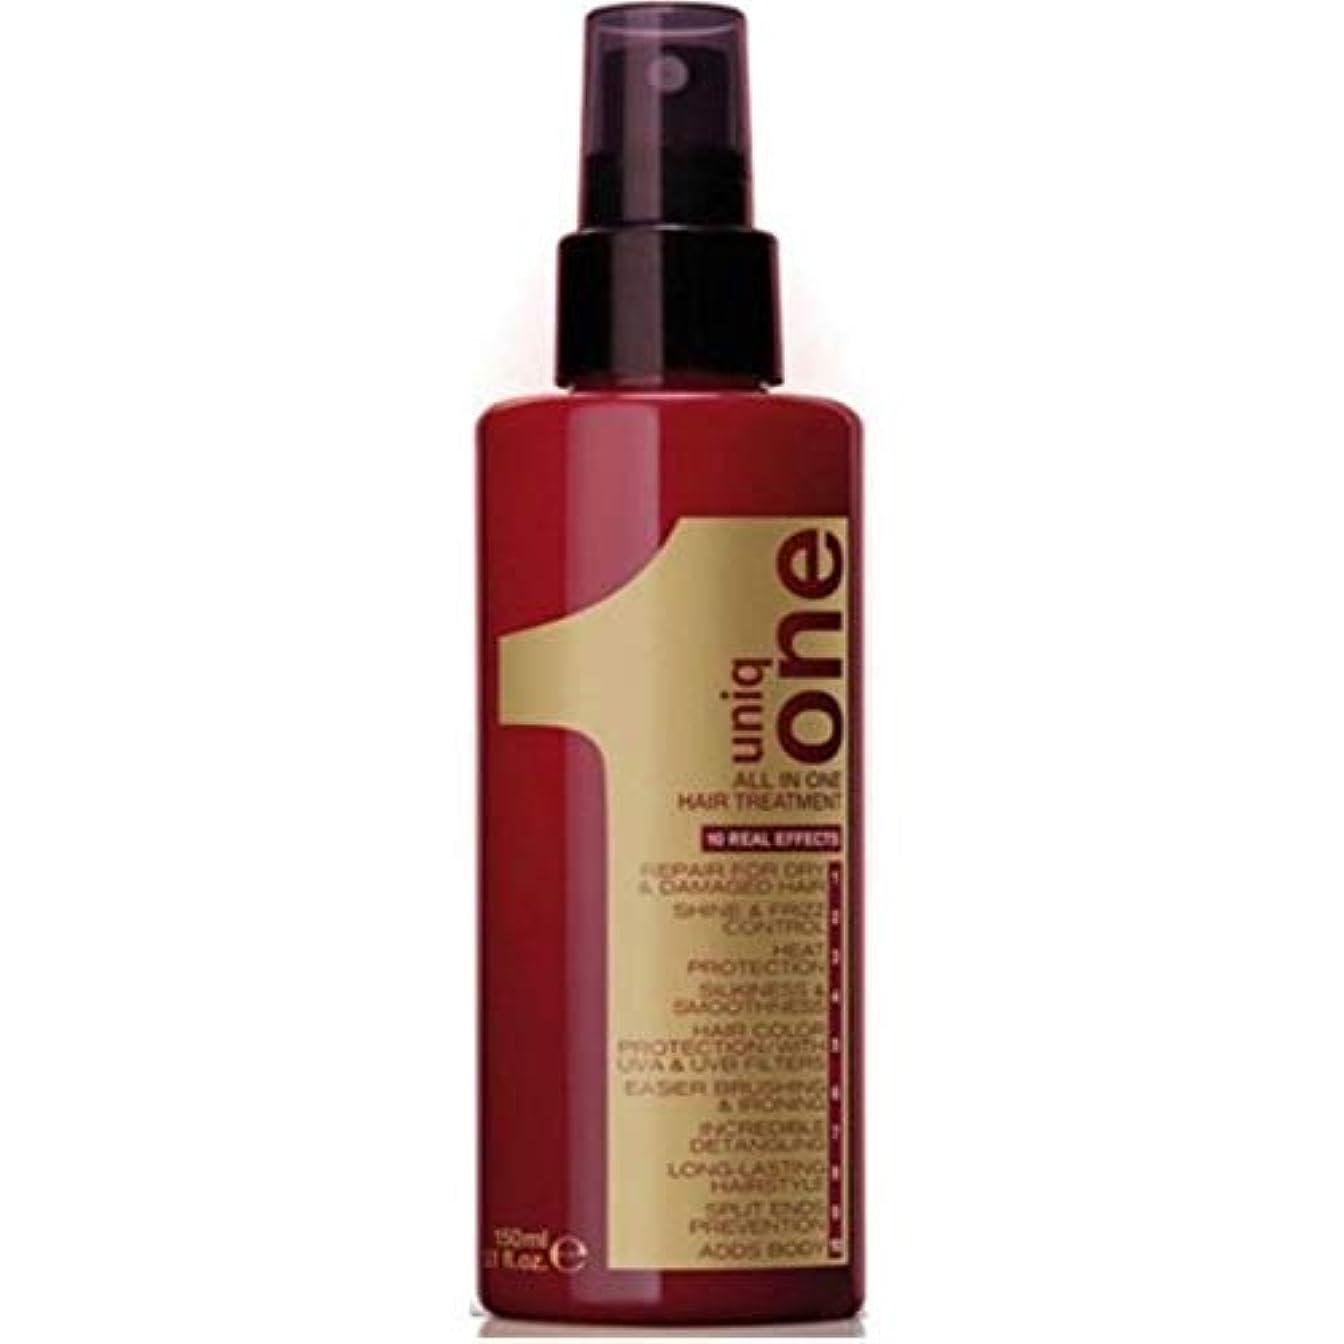 ピルファー馬鹿げたツーリストUniq One Revlon All In One Hair Treatment 5.1Oz. - New Original by Uniq One by Uniq One